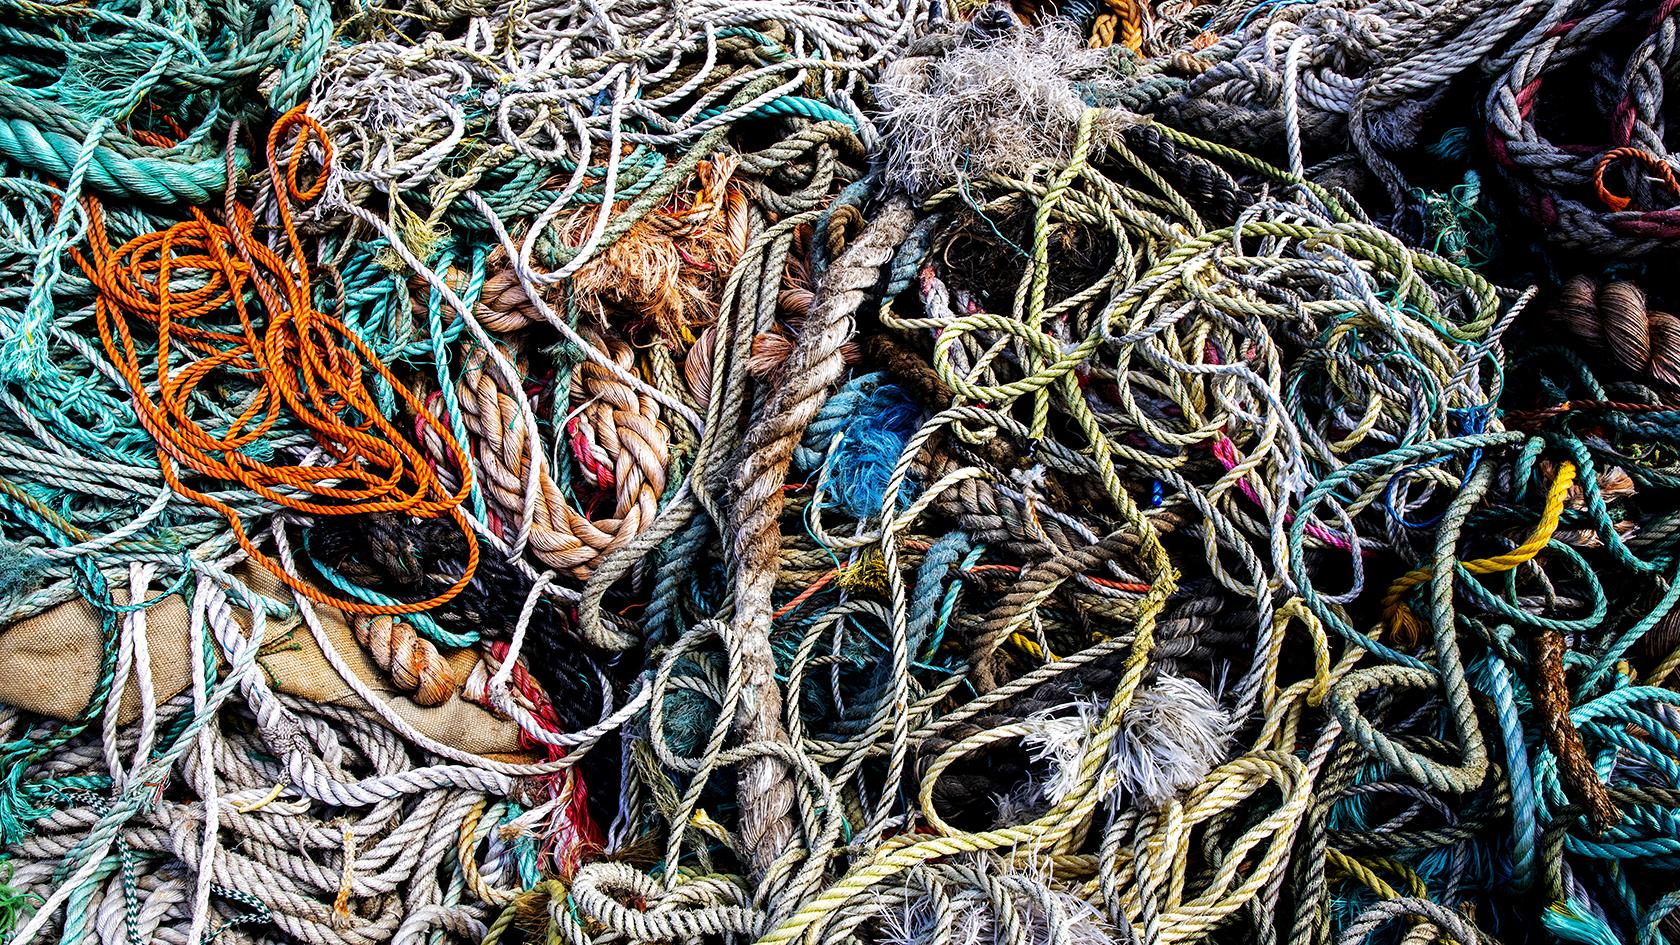 Slidte, defekte og udtjente fiskenet omdannes til plastgranulat istedet for at blive smidt på landdeponi.